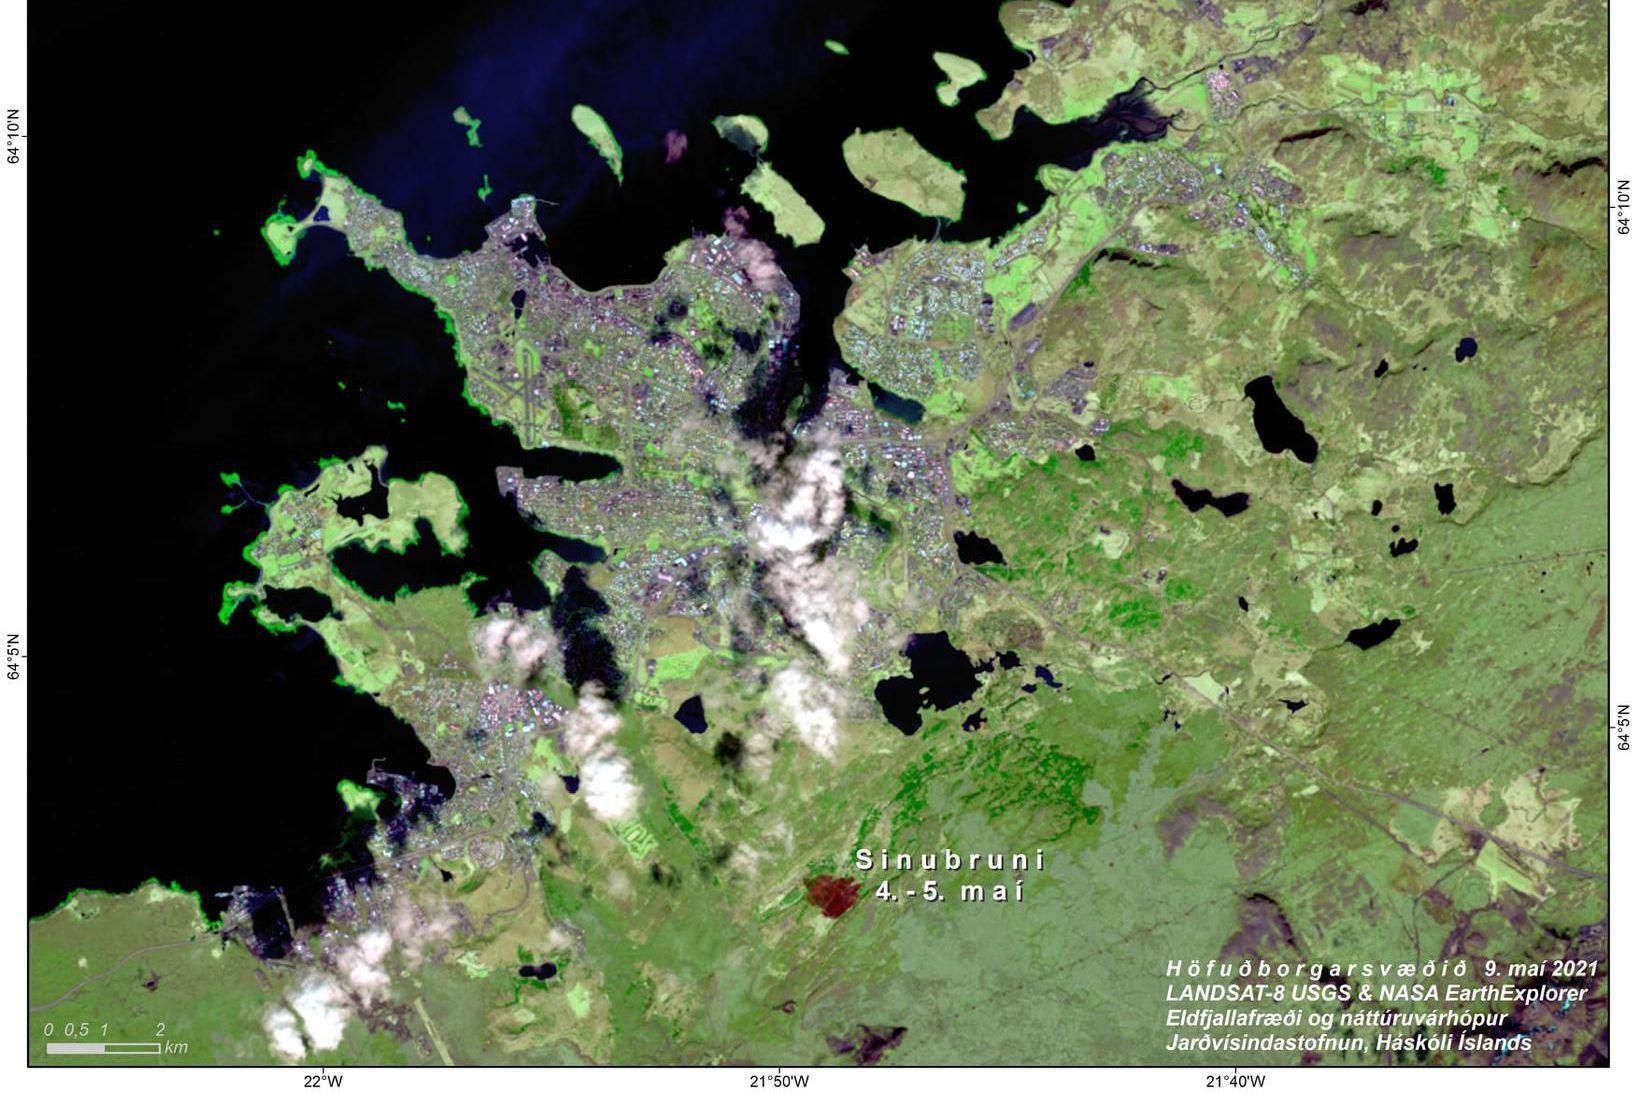 Gróðurlendið sem brann í Heiðmörk 4.-5. maí sést hér á …